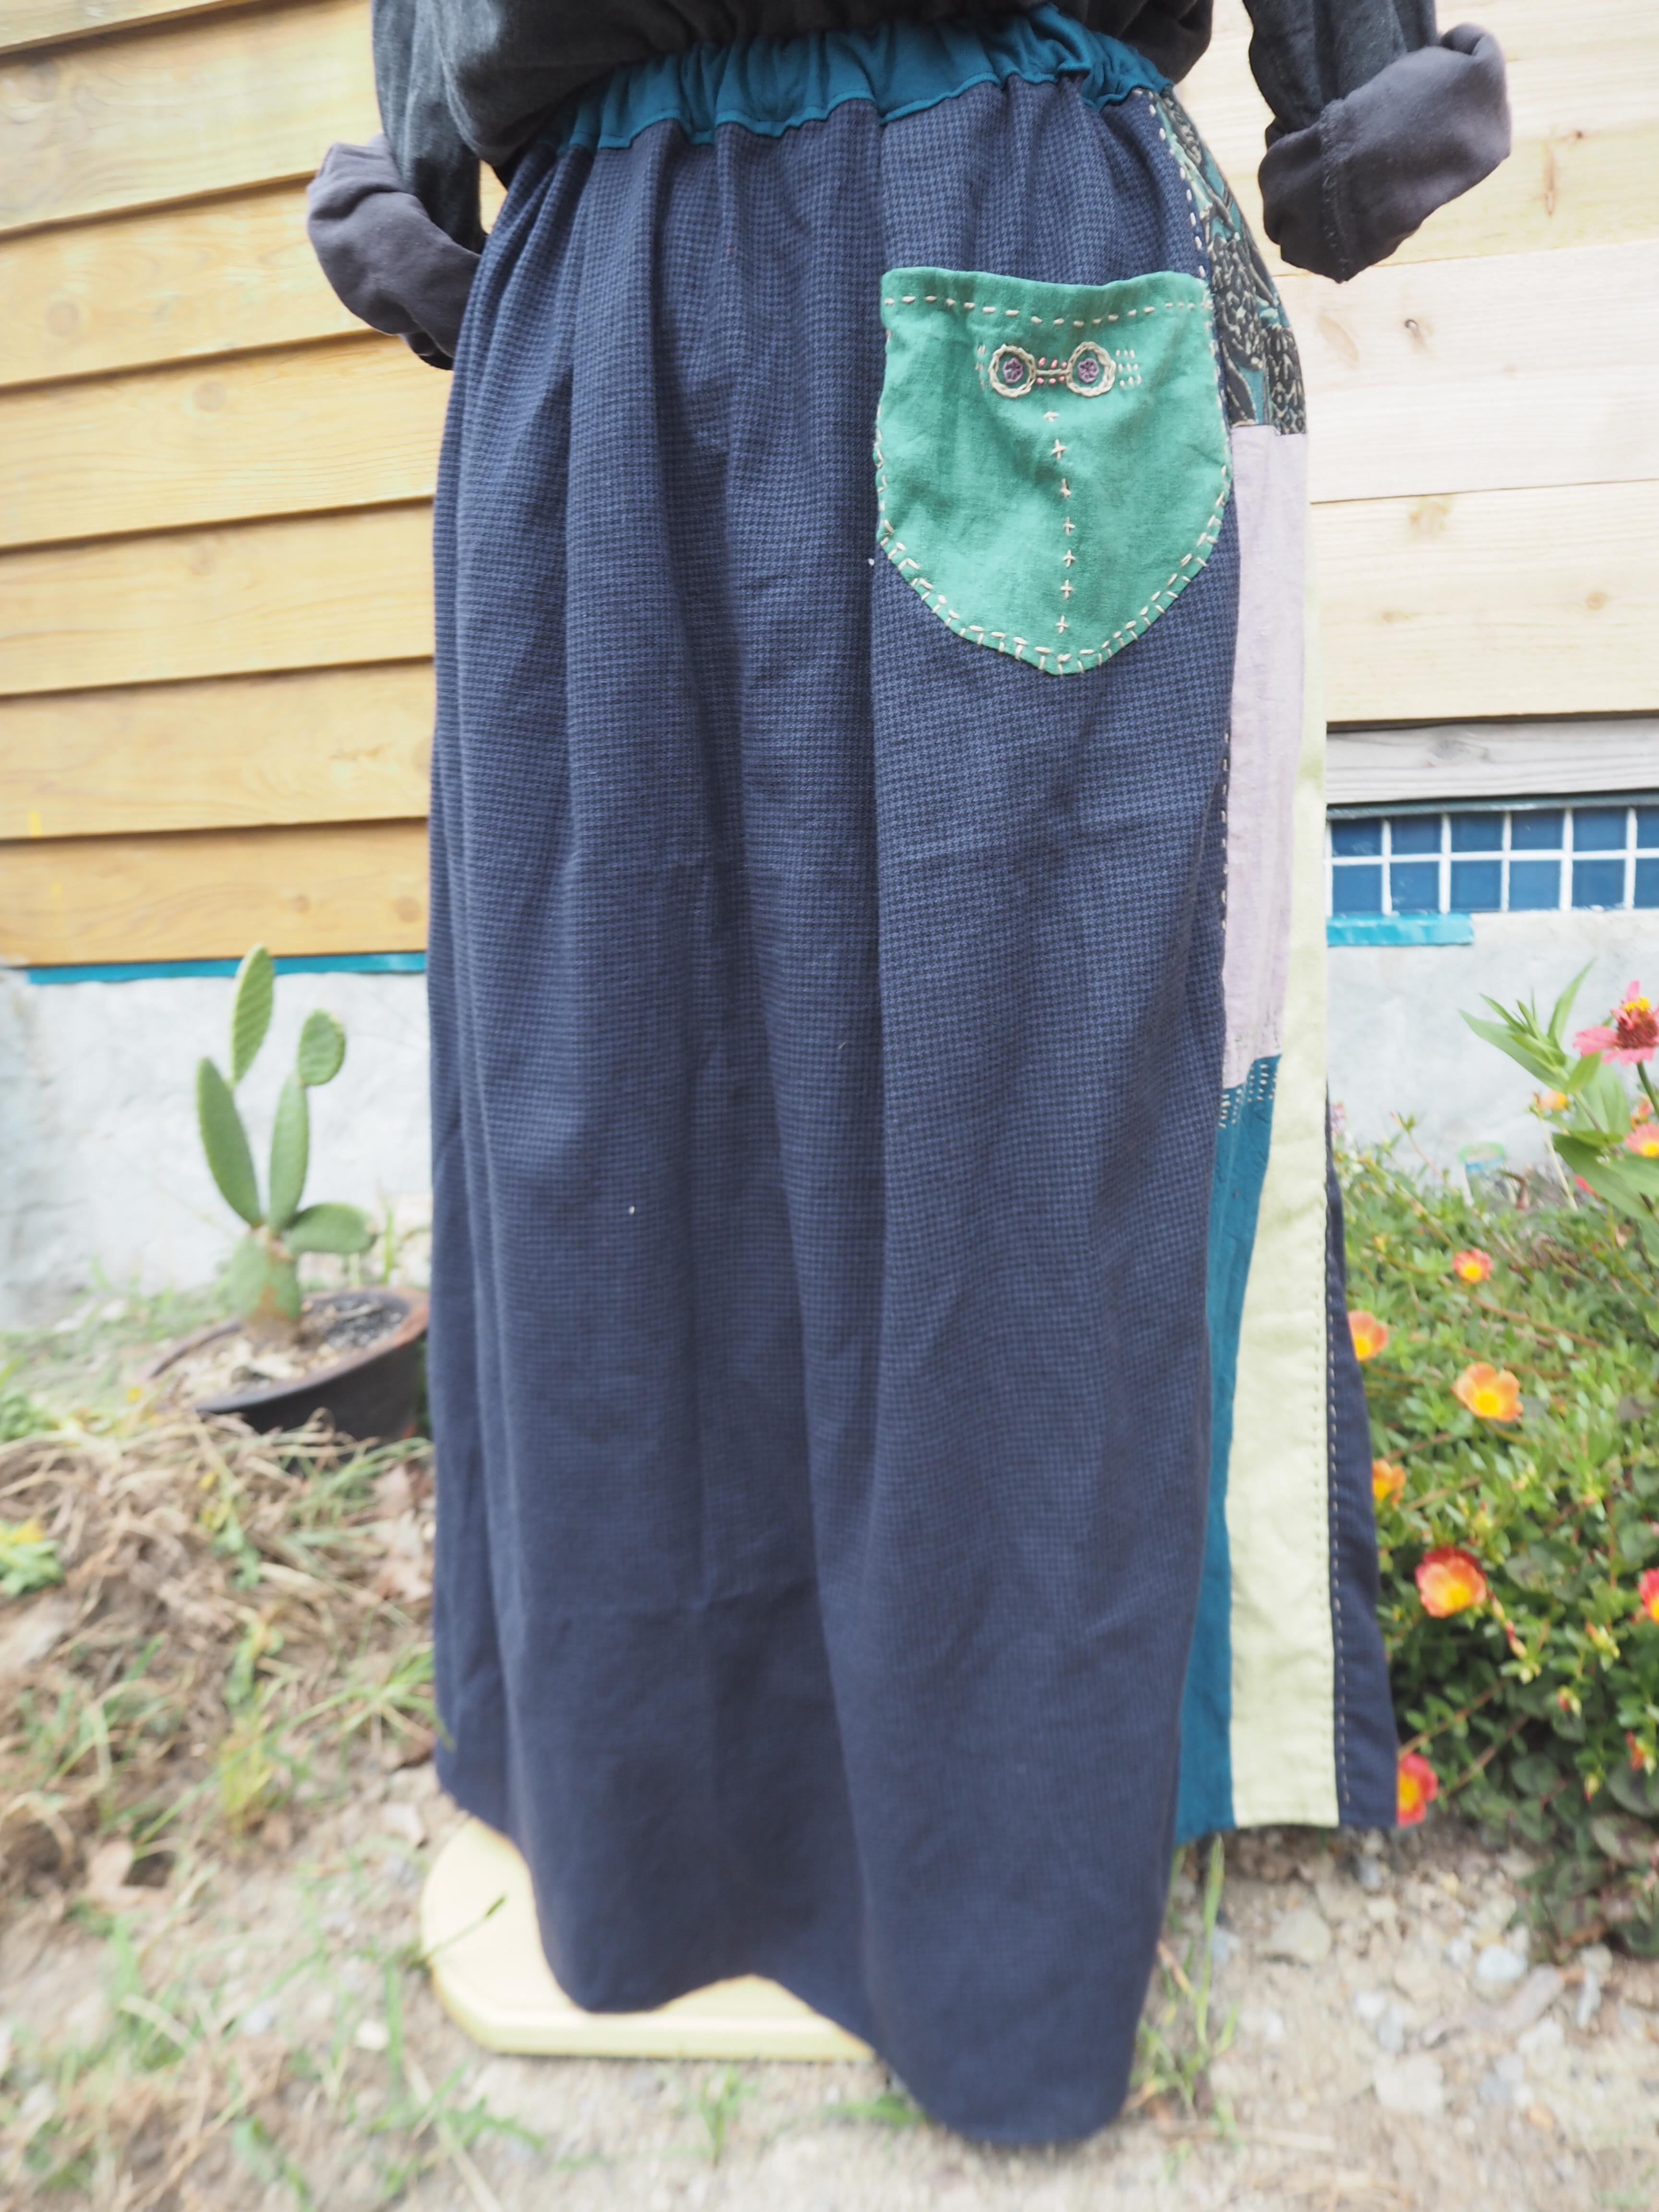 道草スカート・緑のポケットでお散歩